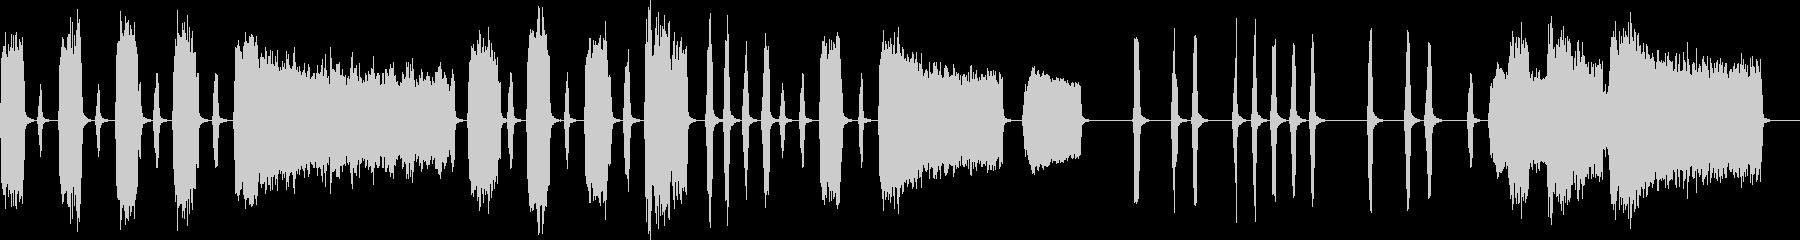 ほのぼのしたシンプルなインスト曲の未再生の波形